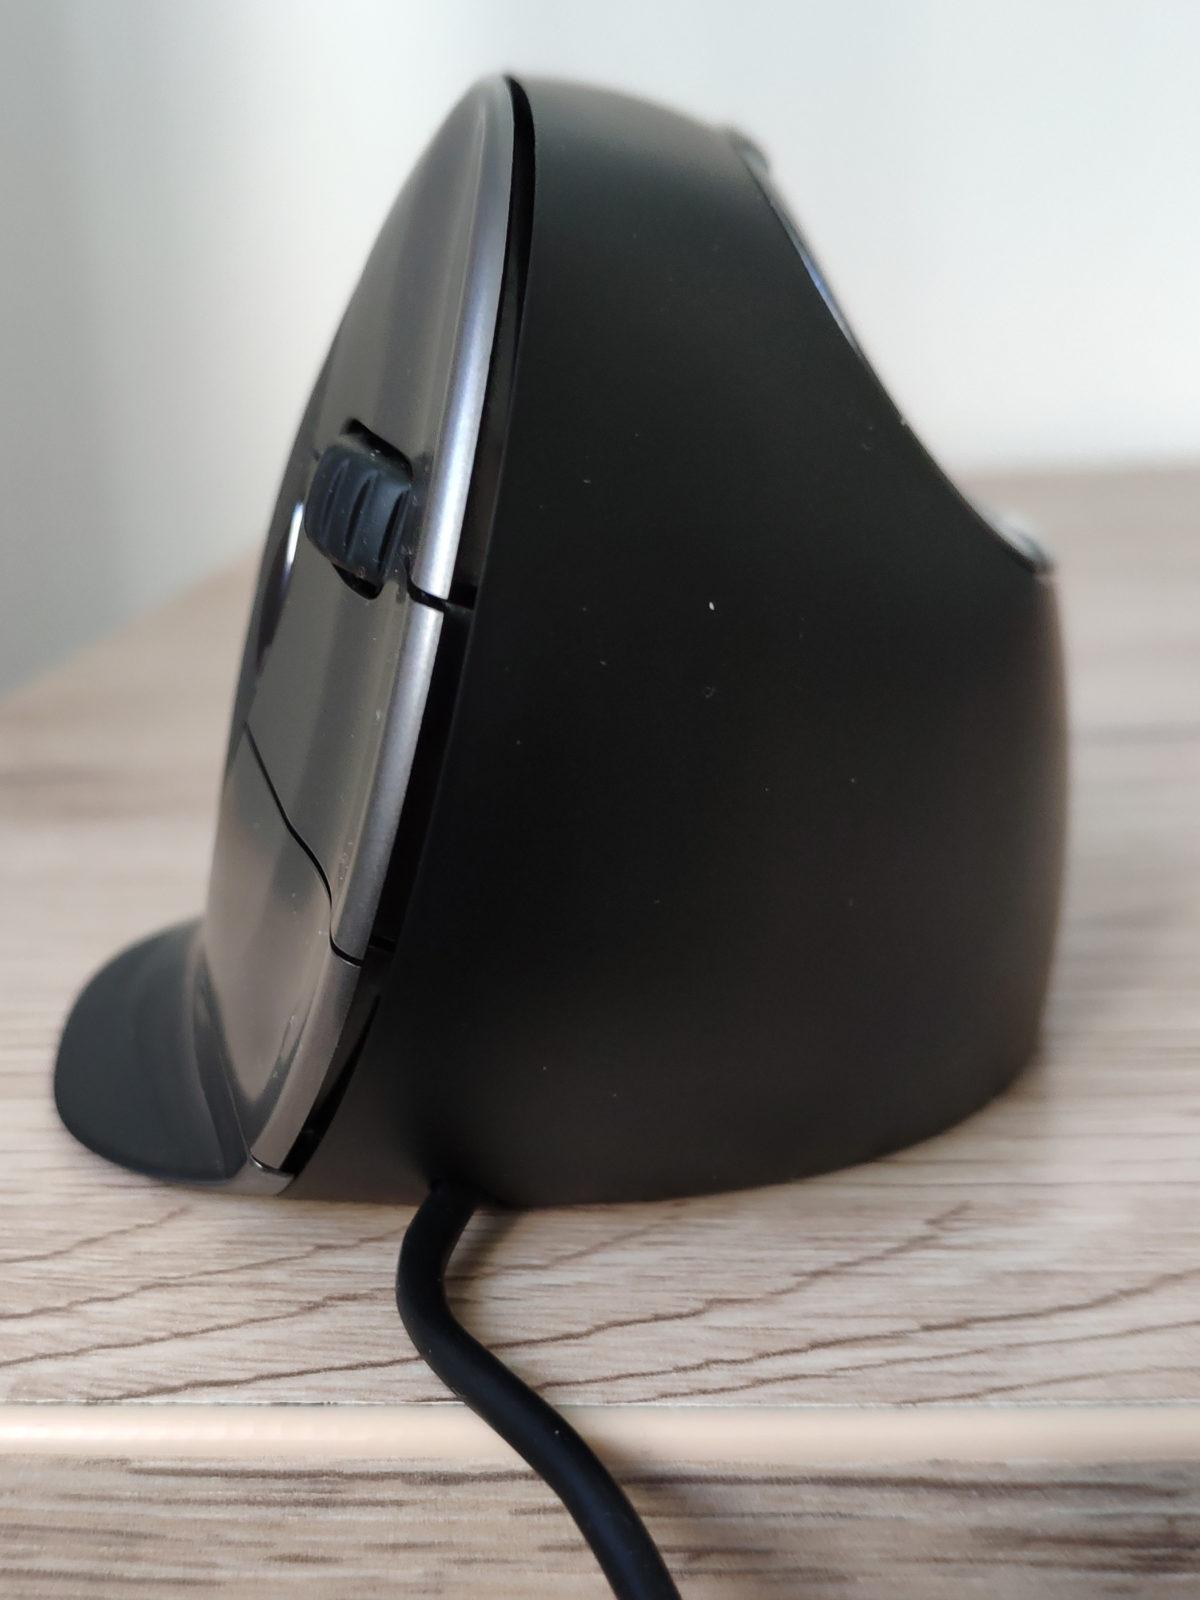 Evoluent Vertical Mouse D - Hoher Neigungswinkel